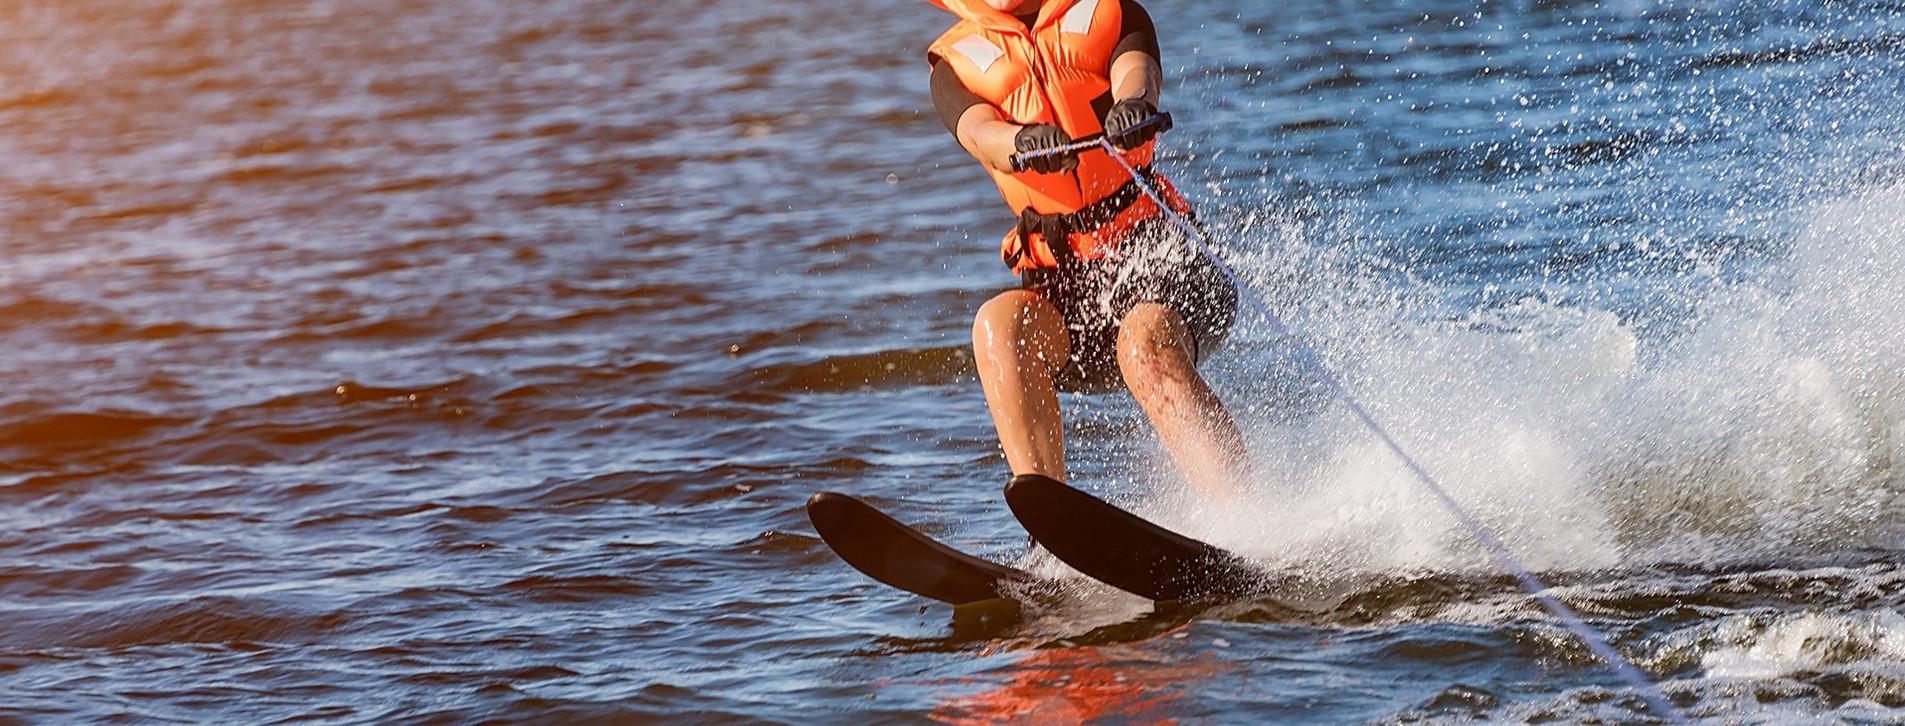 Фото - Катание на водных лыжах для компании